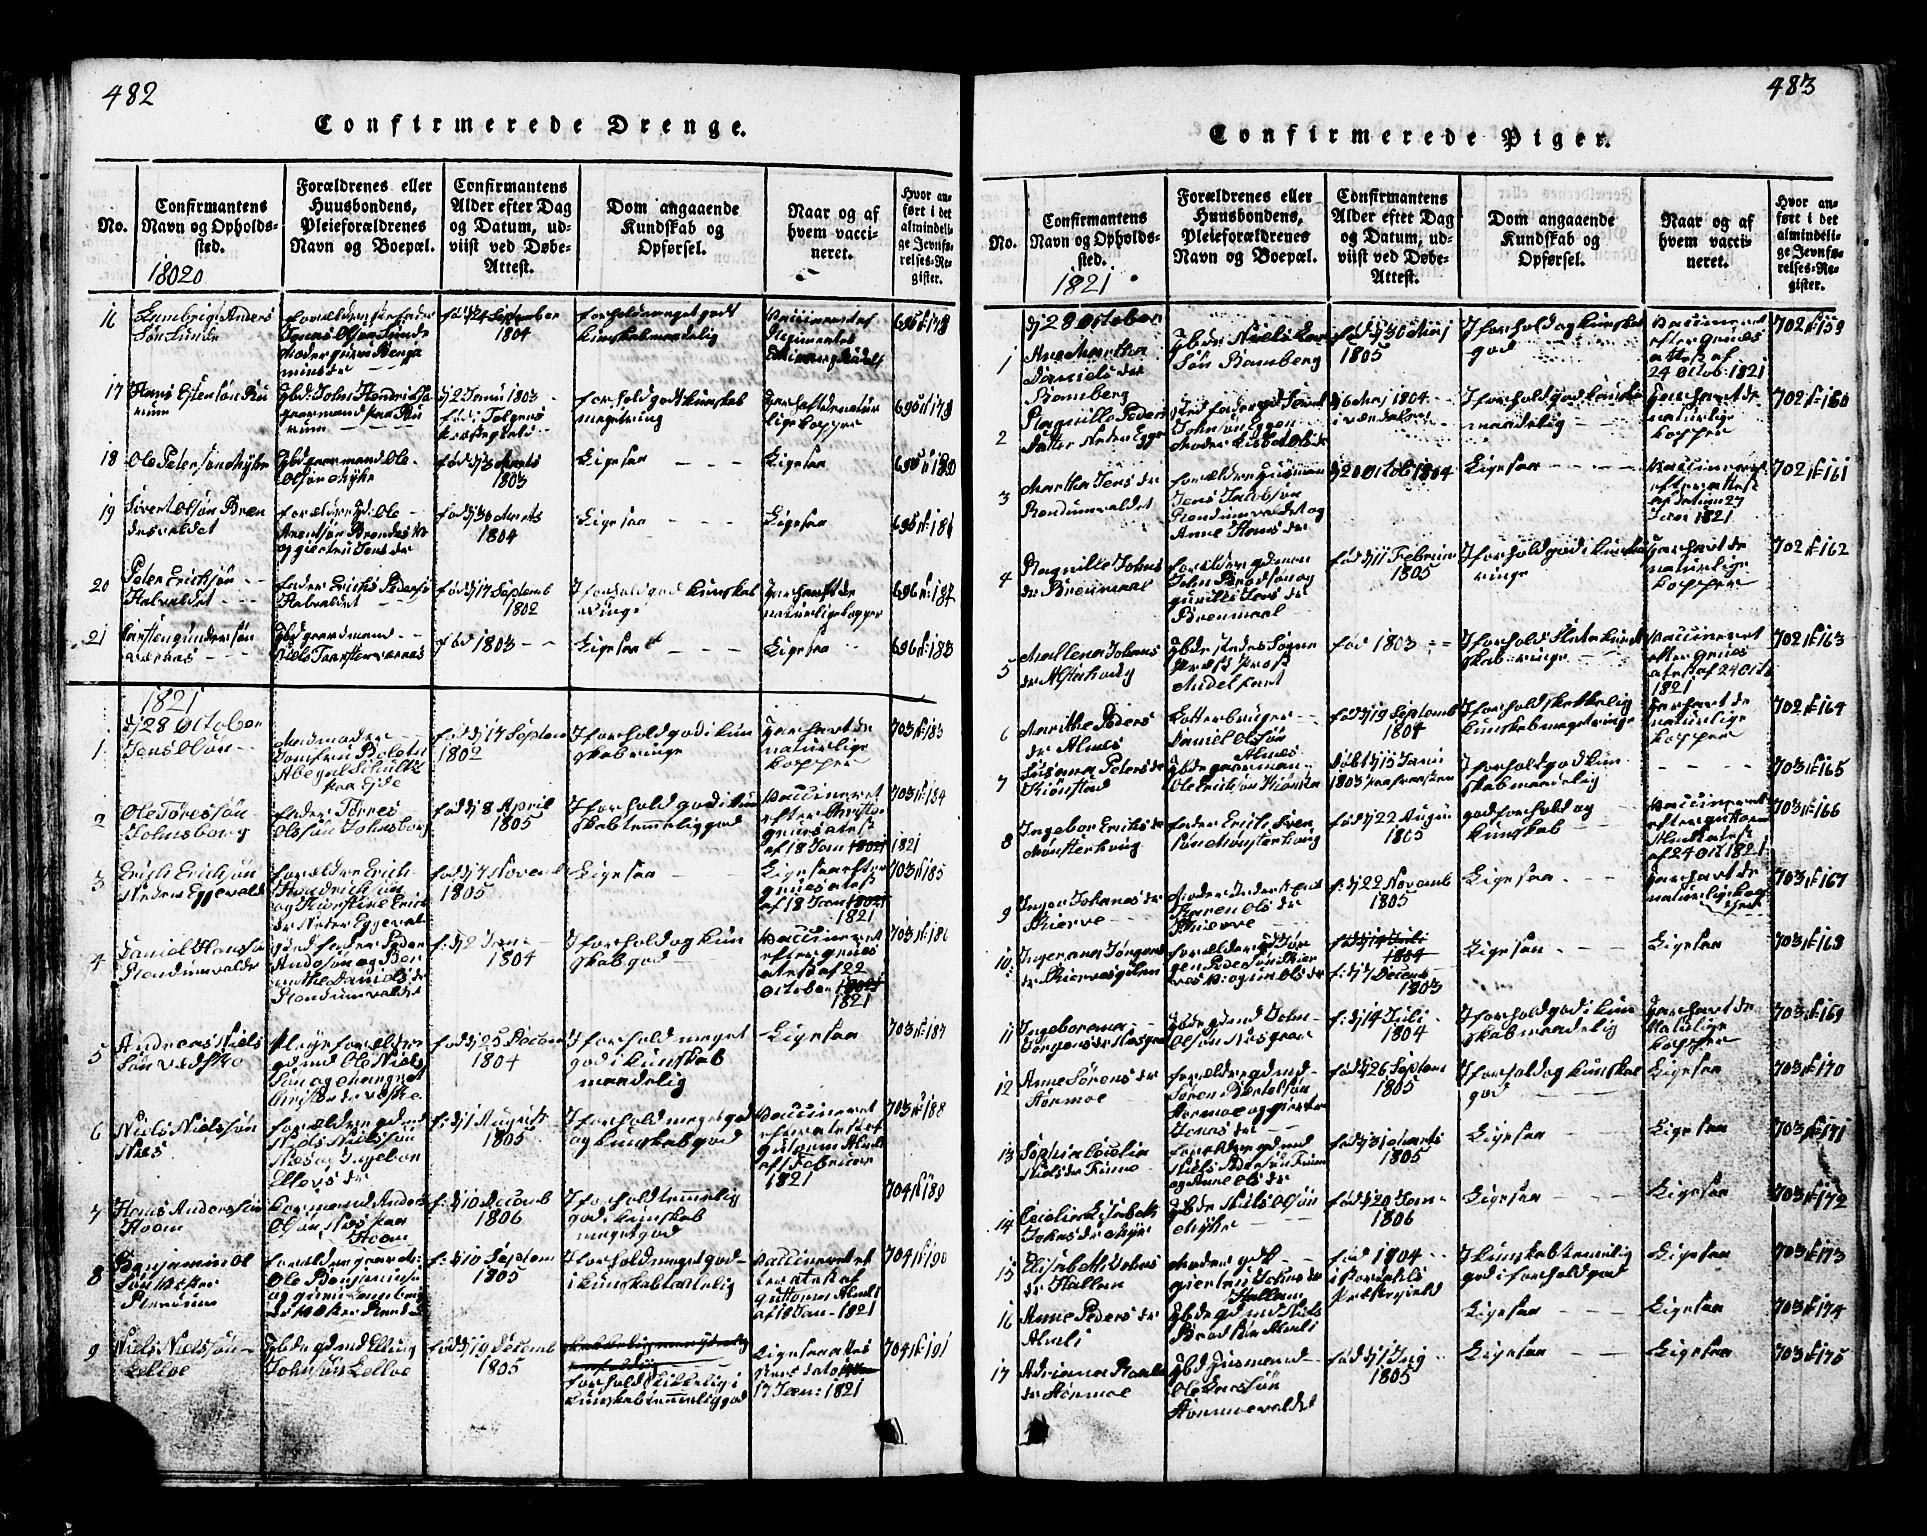 SAT, Ministerialprotokoller, klokkerbøker og fødselsregistre - Nord-Trøndelag, 717/L0169: Klokkerbok nr. 717C01, 1816-1834, s. 482-483